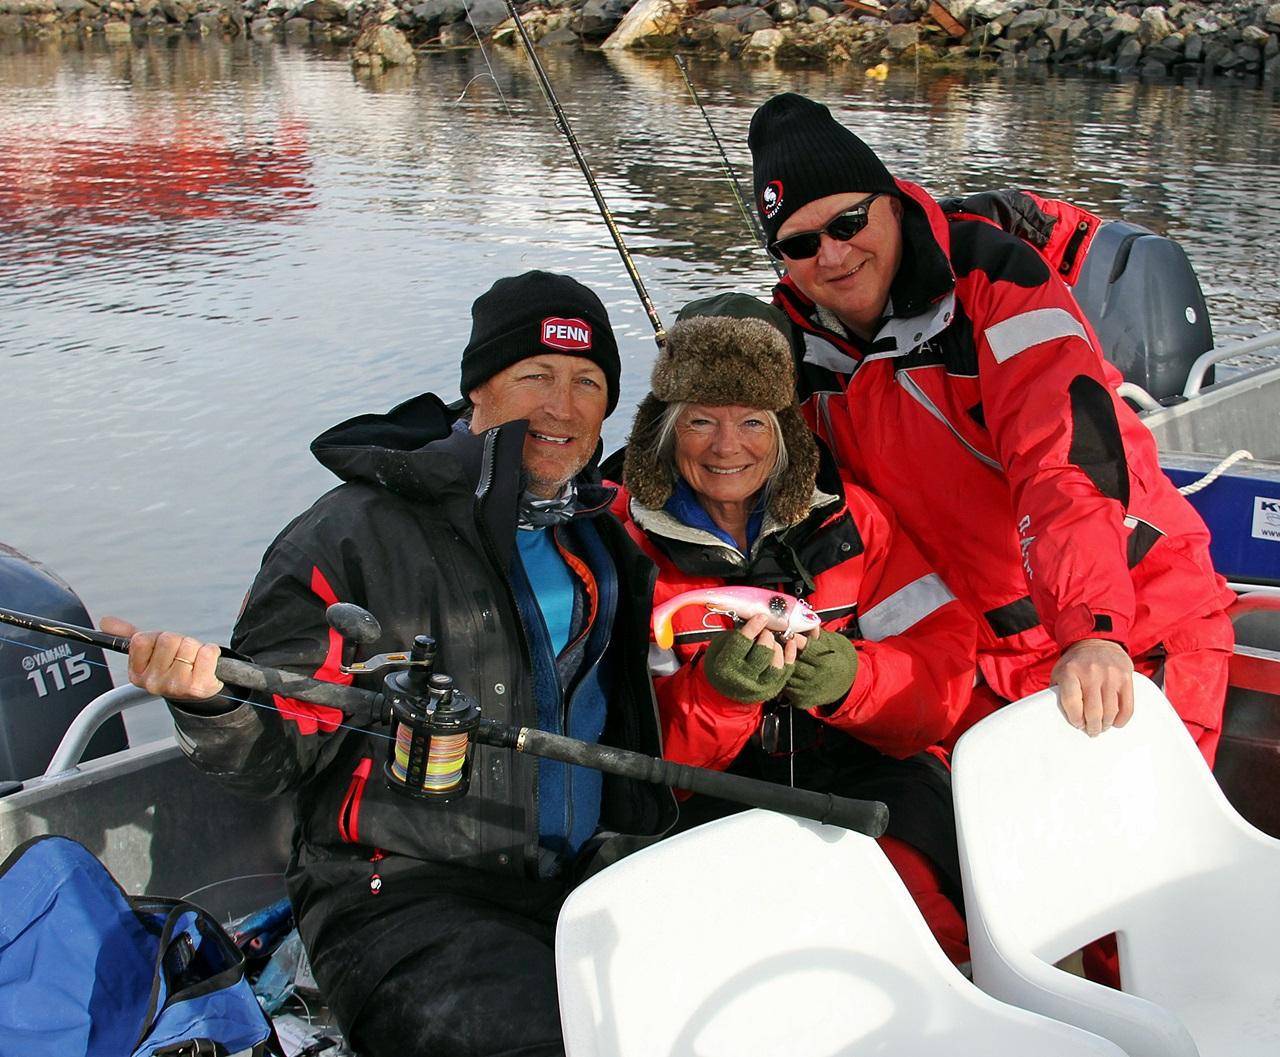 Ikke vanskelig å smile når vi skal ut å fiske i et slikt område